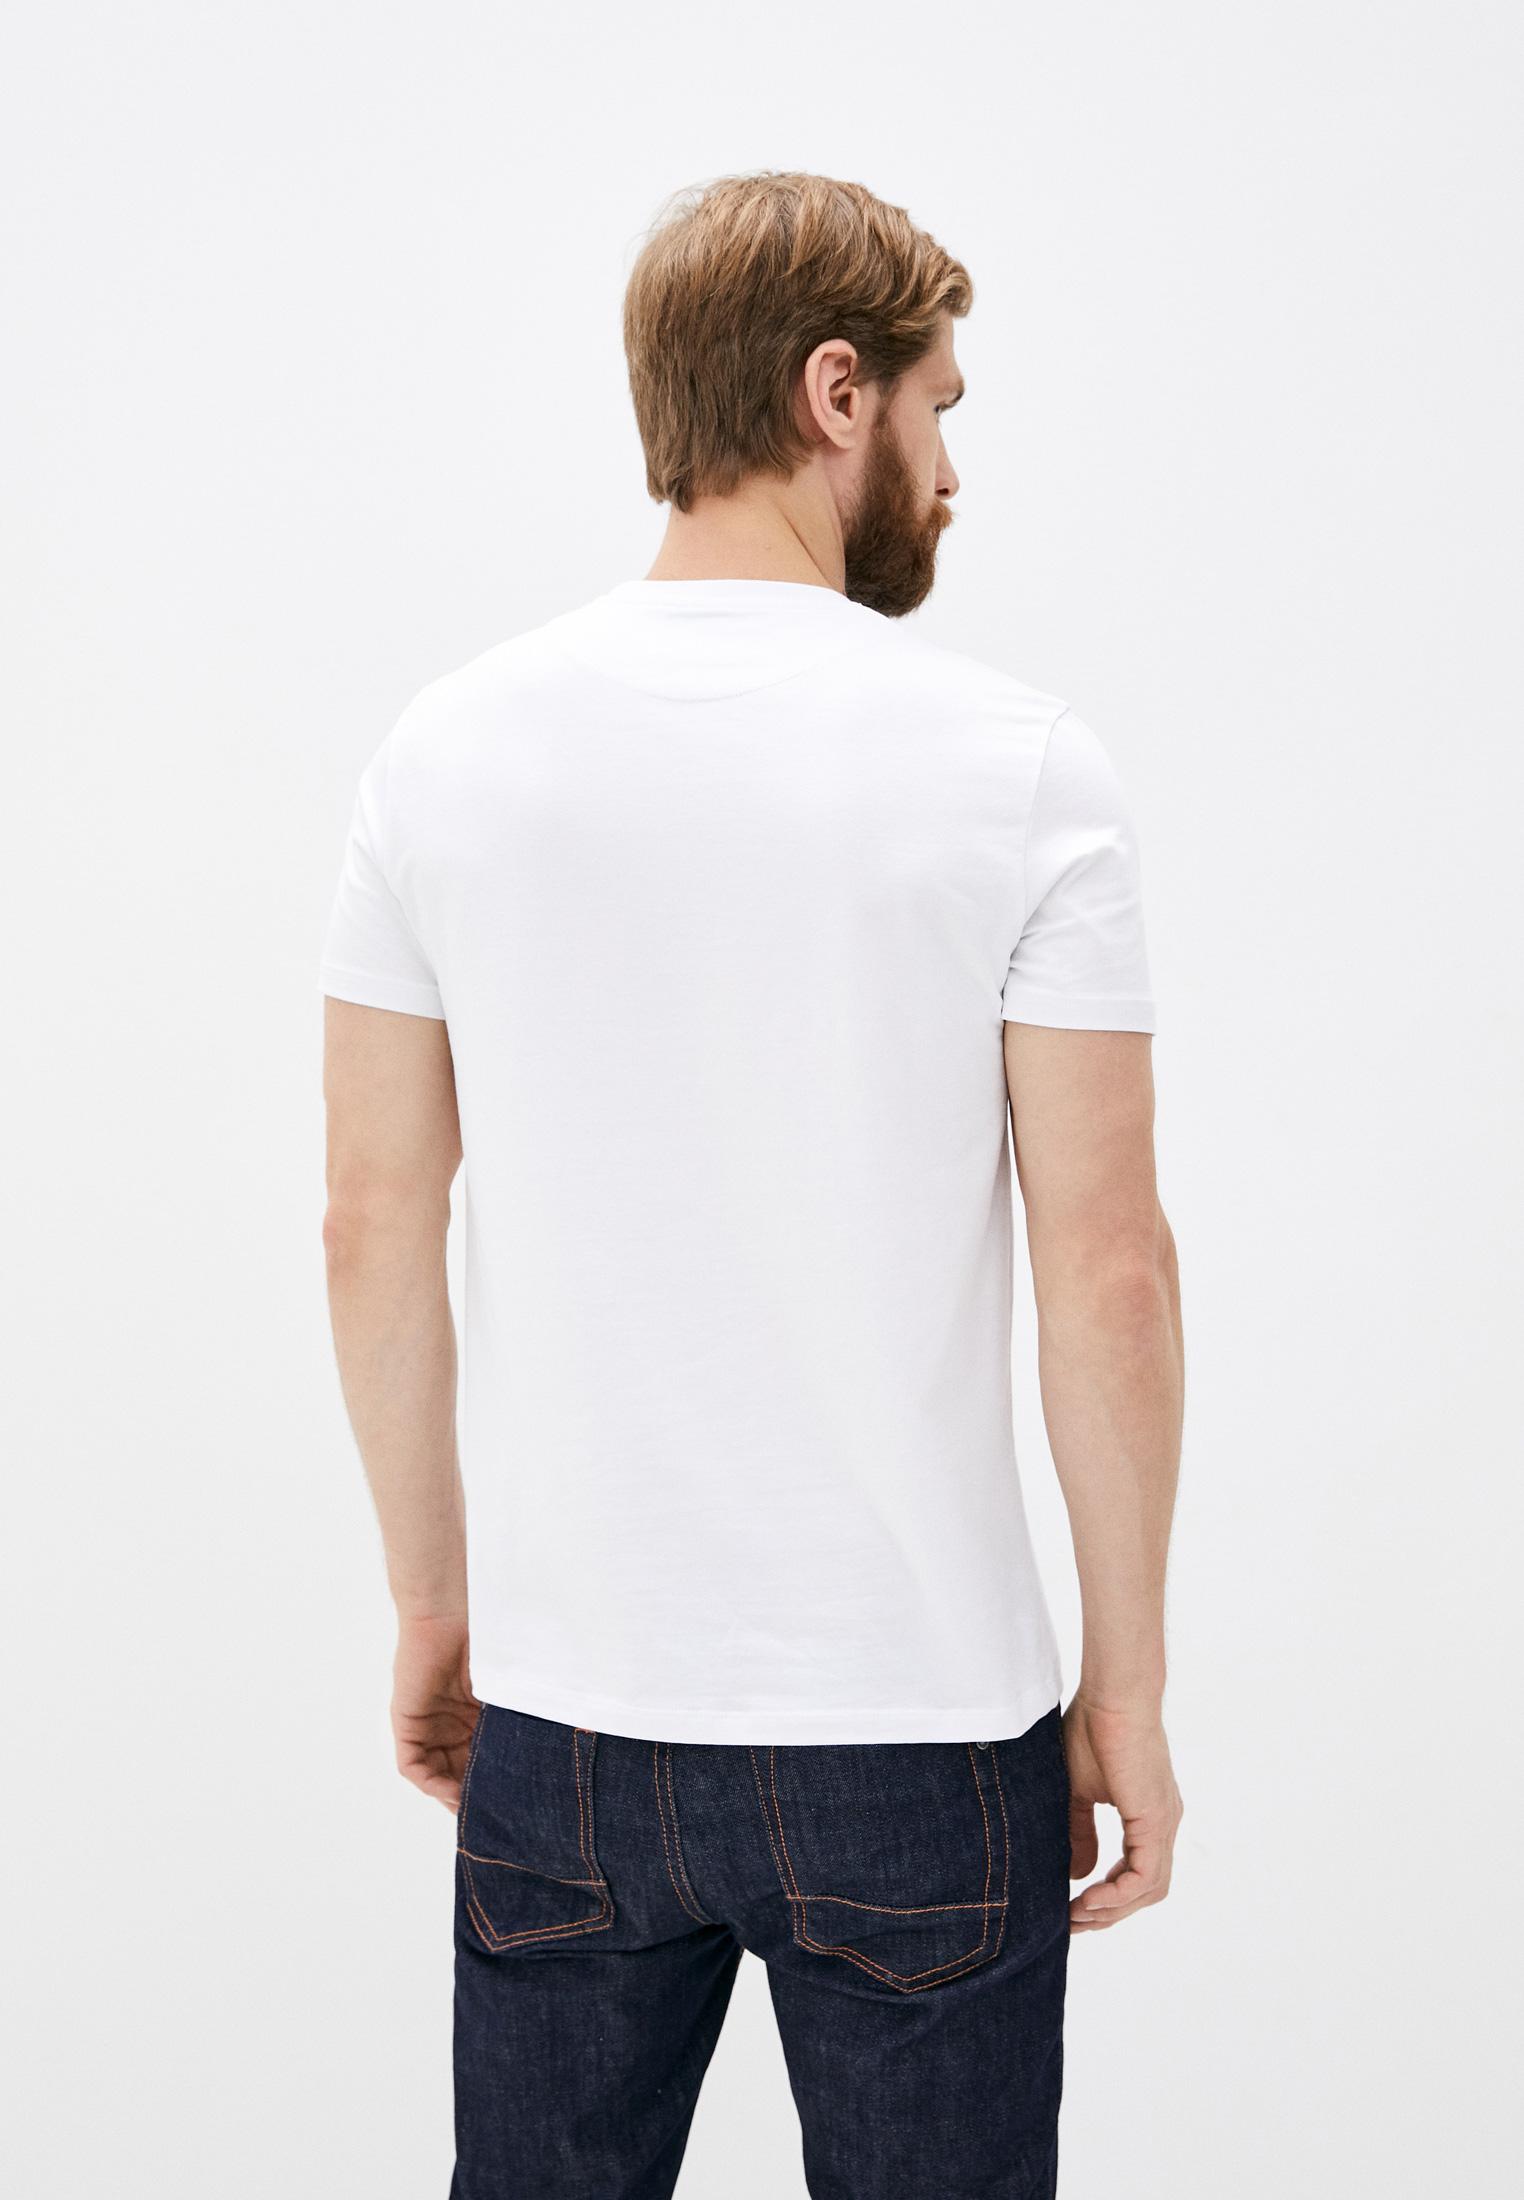 Мужская футболка Bikkembergs (Биккембергс) C 7 021 9R E 1814: изображение 4